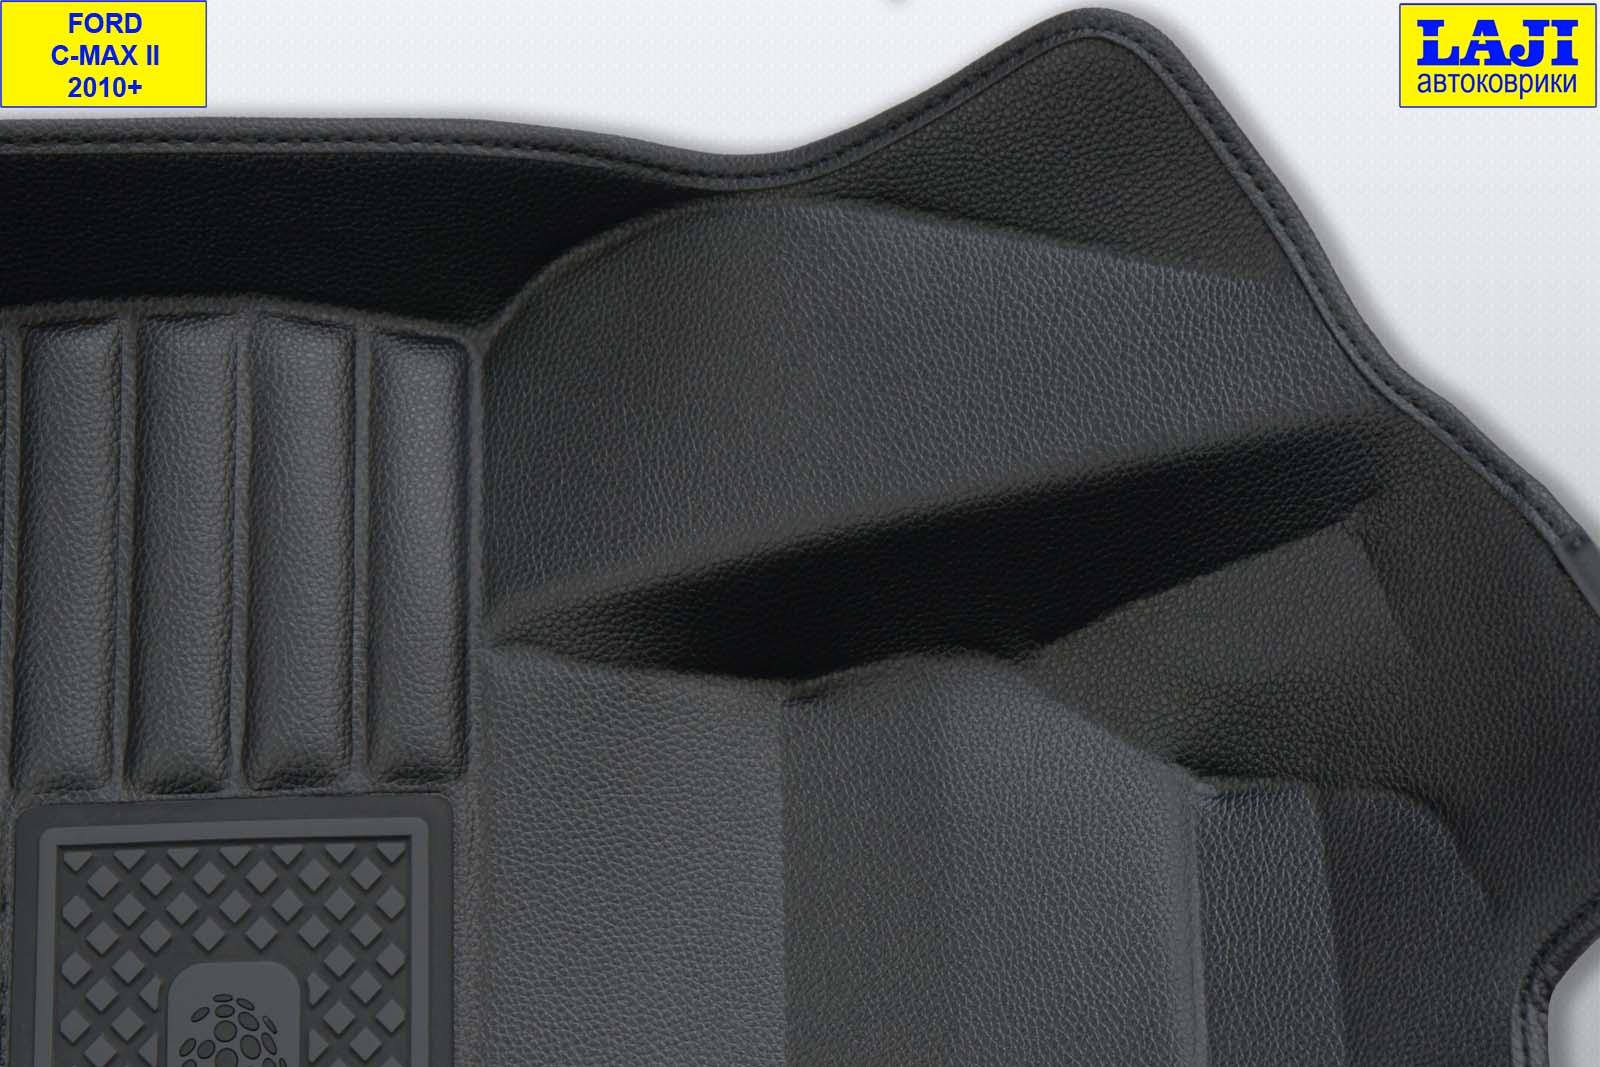 5D коврики в салон Ford C-Max 2010-н.в. 6